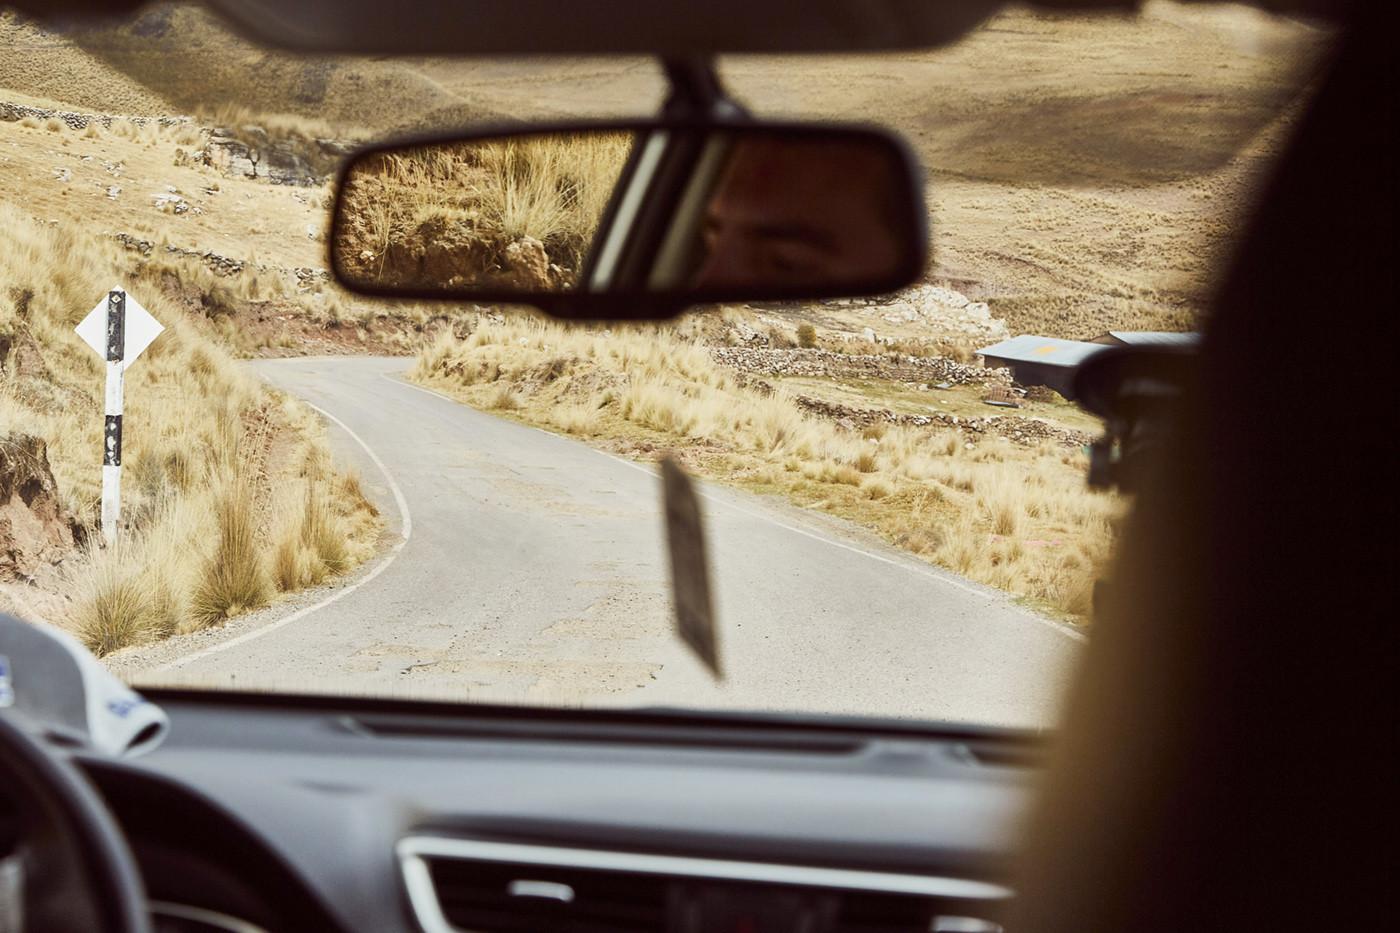 Abseits der Hauptstraßen kann es in Peru schonmal etwas holprig werden. Schlaglöcher säumen hier die Piste